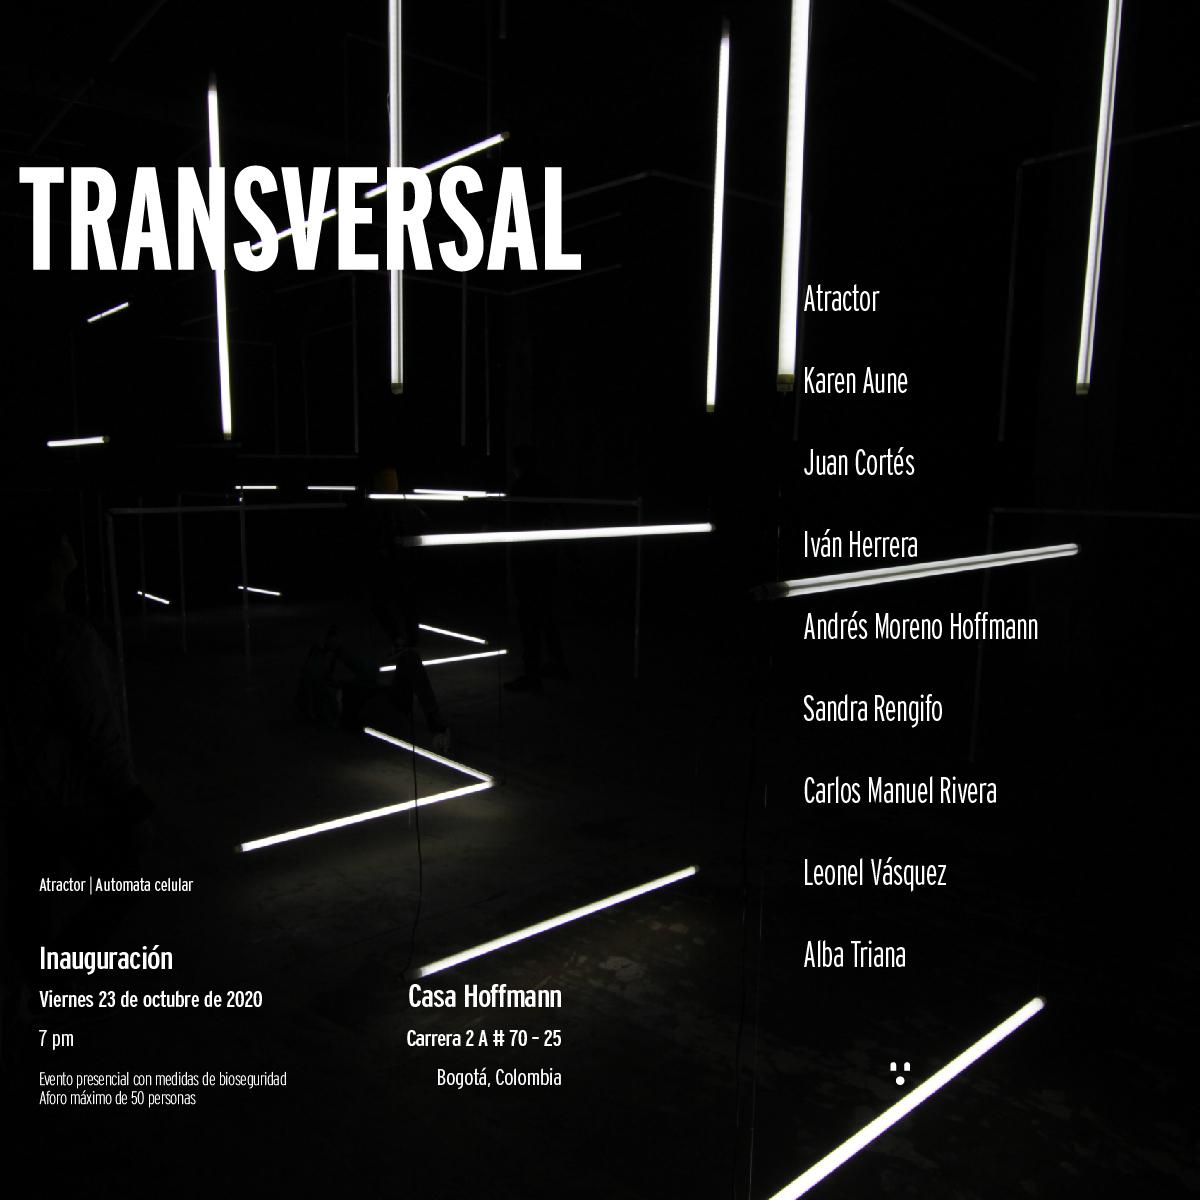 3-transversal-inauguracion.jpg